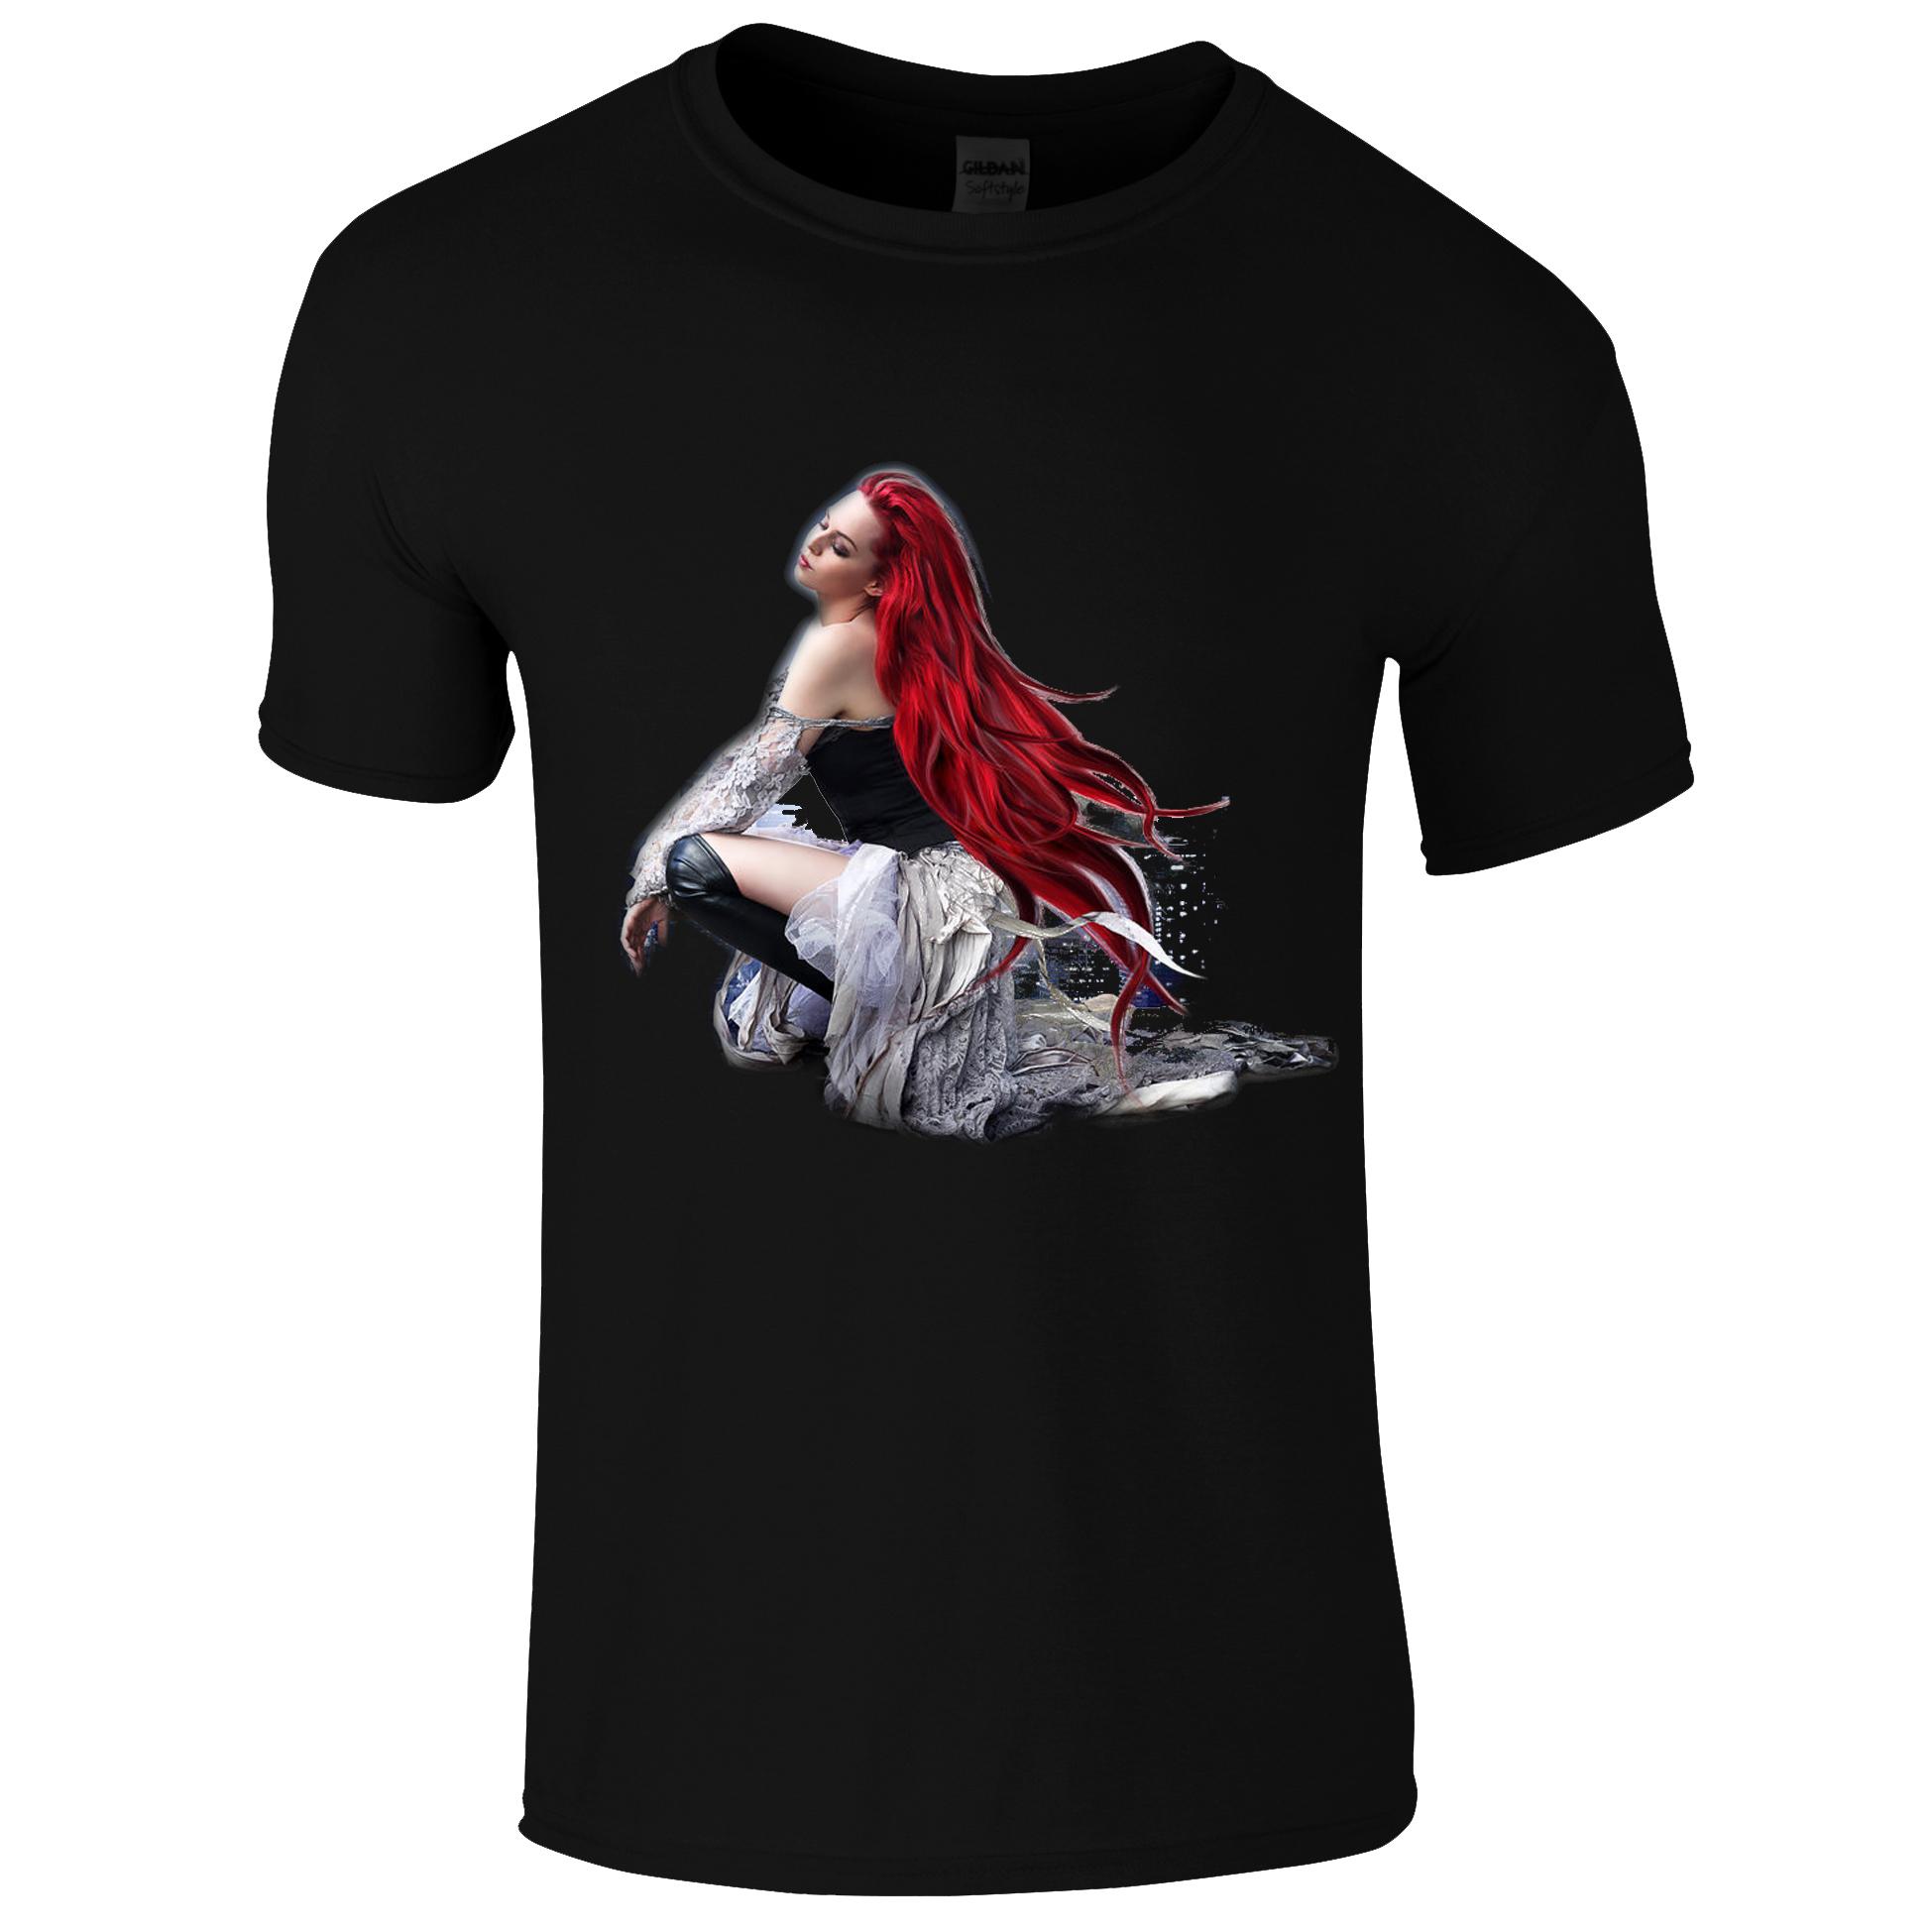 Schwarzes Gothic Shirt mit rothaariger Frau